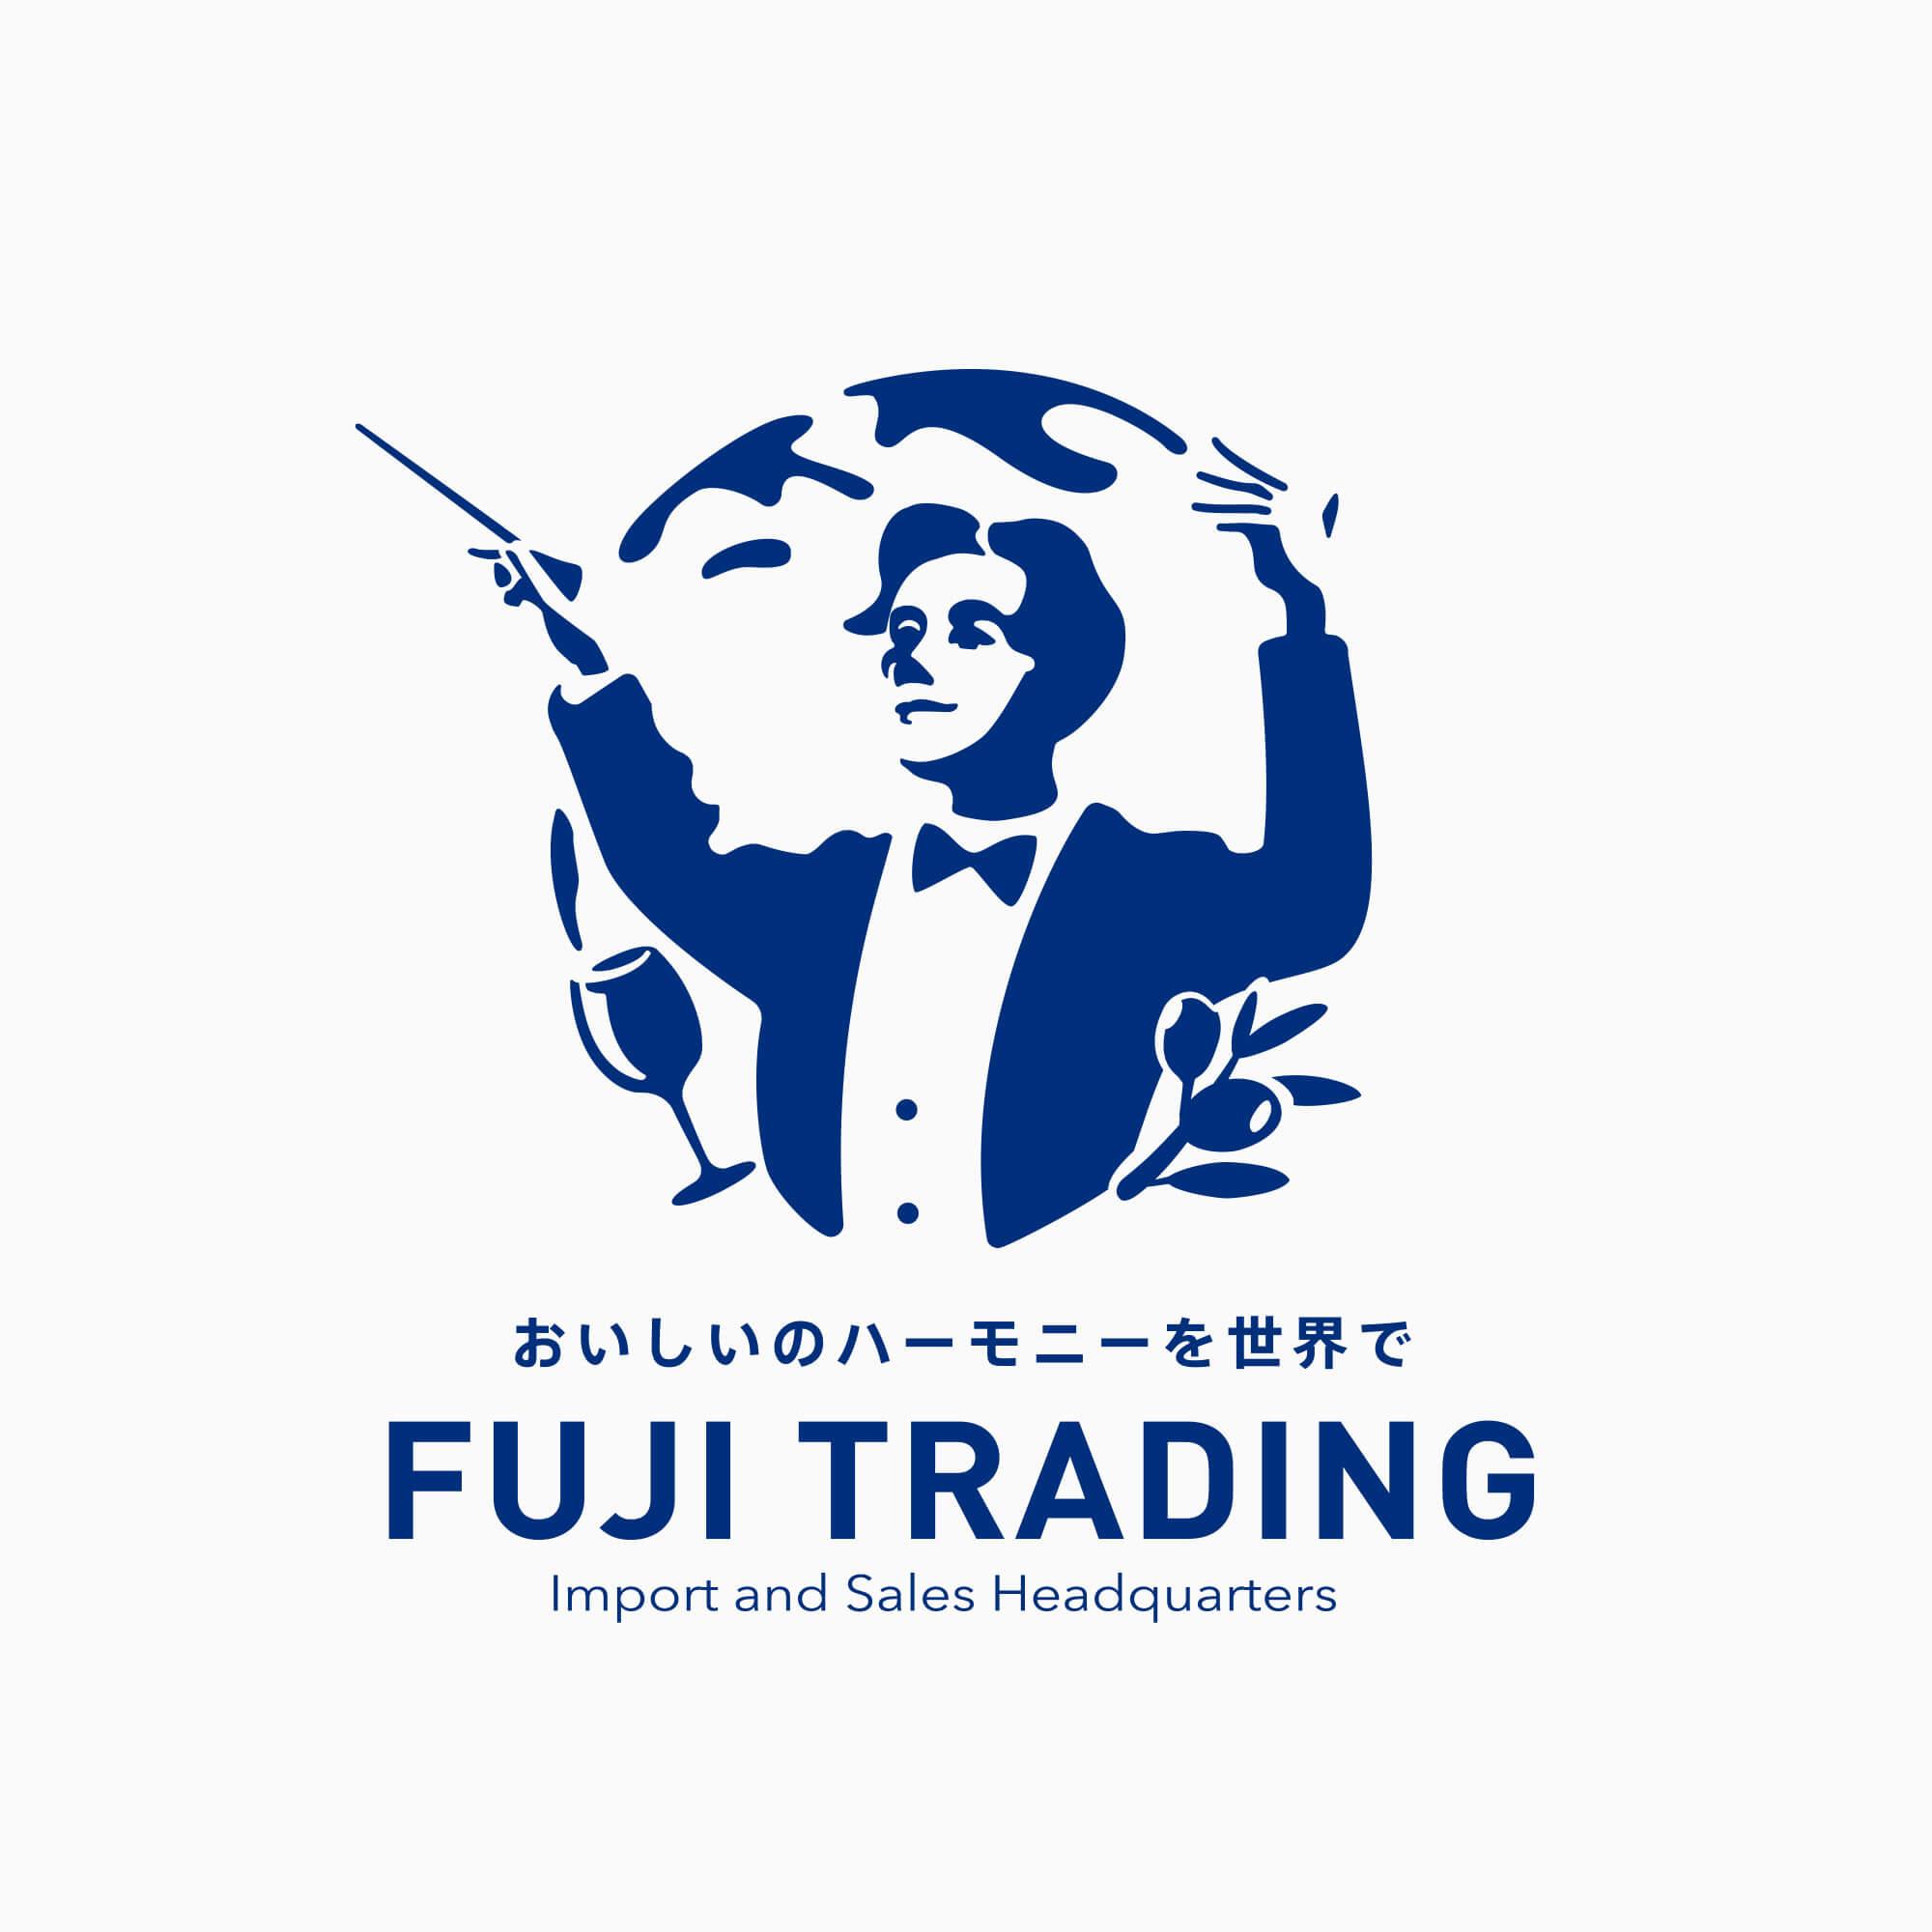 ロゴ制作実績富士貿易株式会社